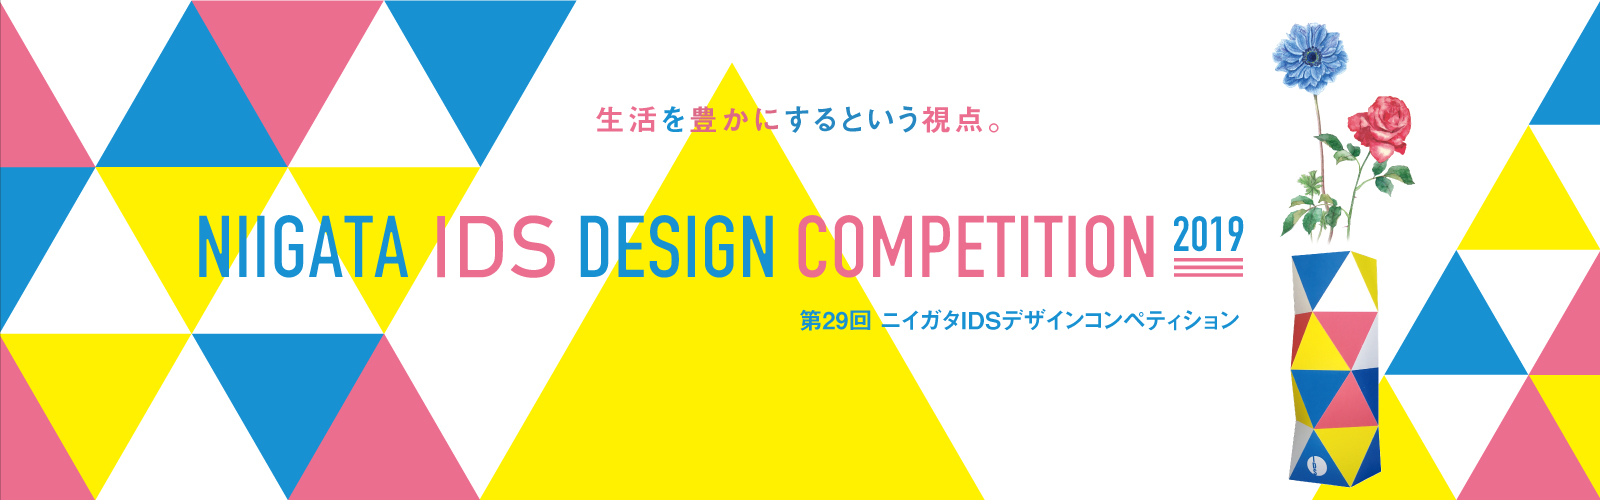 第29回 ニイガタIDSデザインコンペティション受賞結果